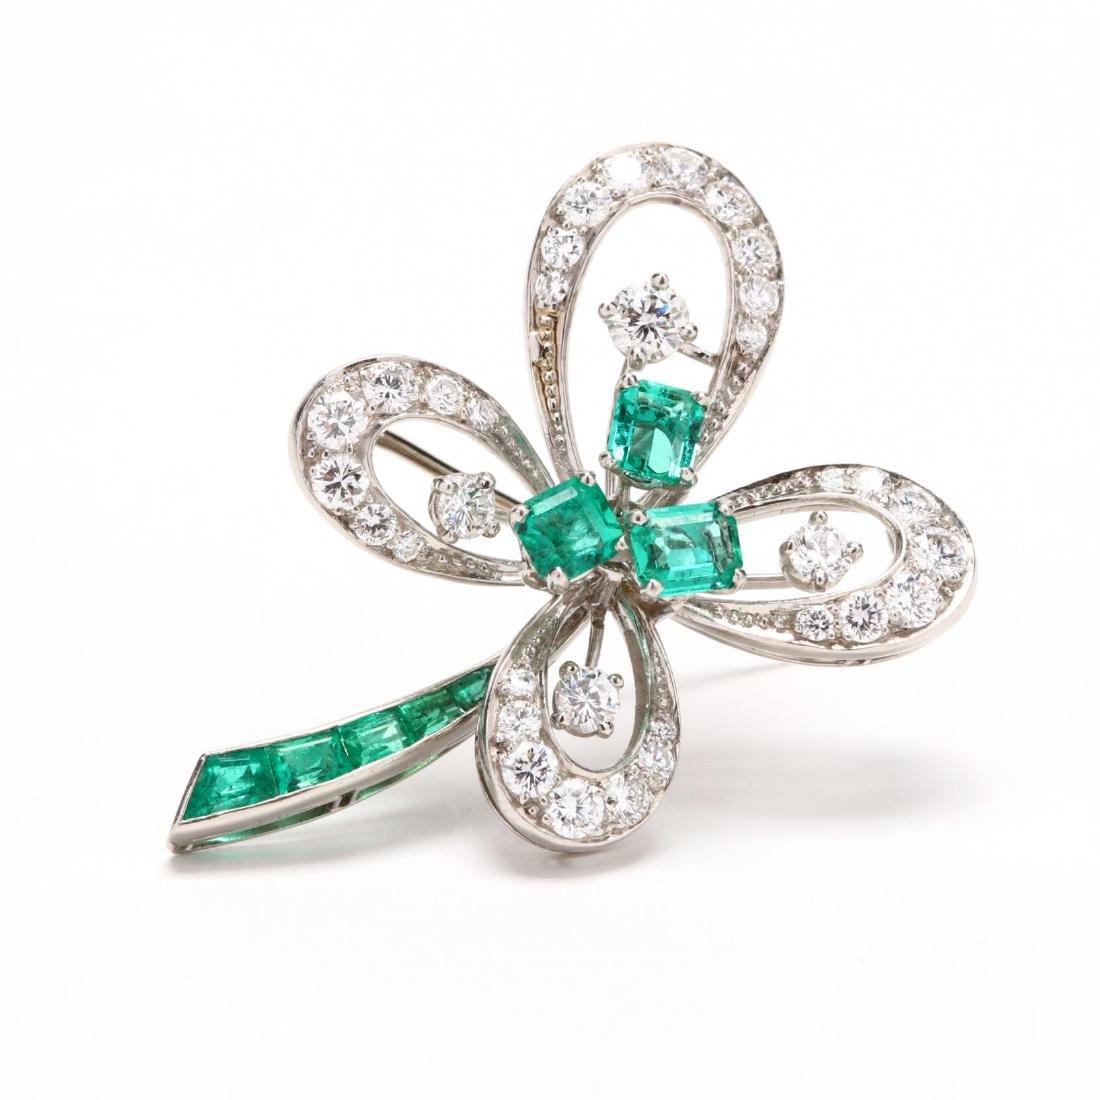 Platinum, Emerald, and Diamond Brooch